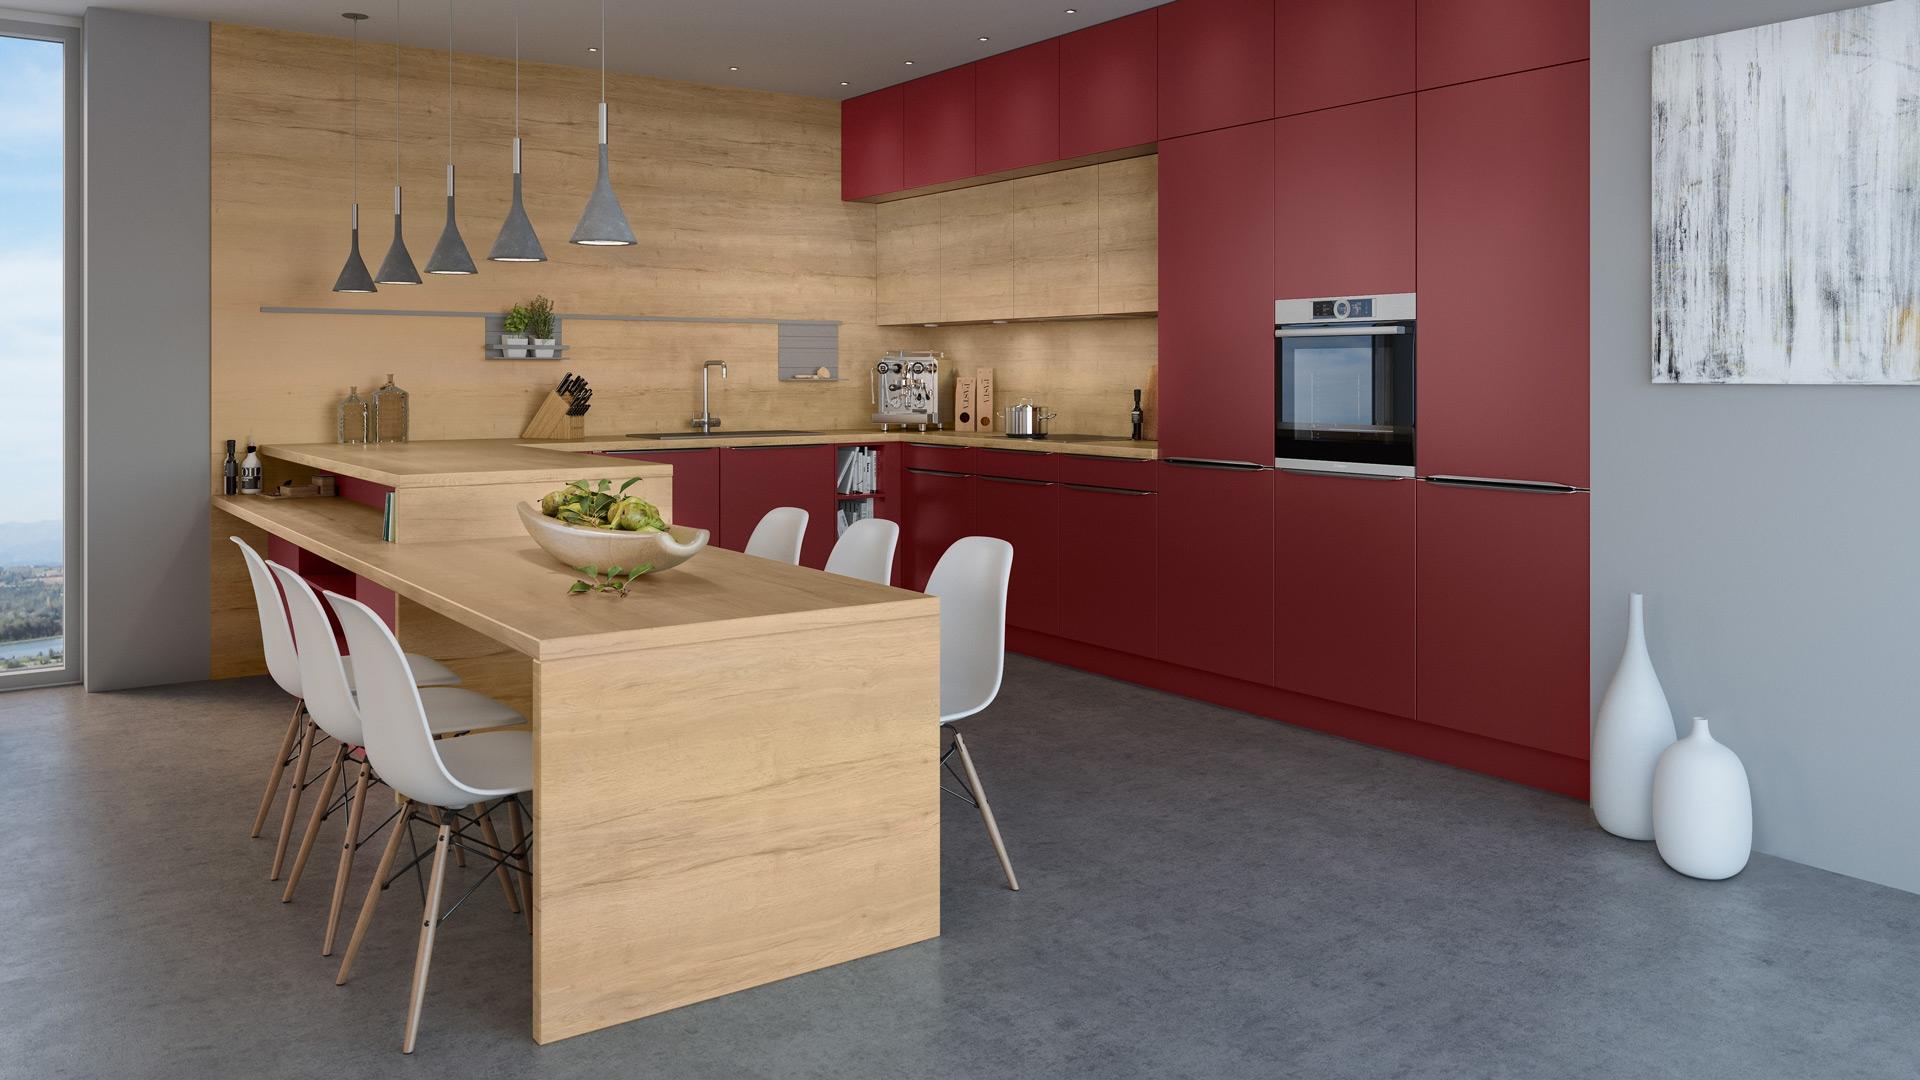 Кухня с цветом.jpg